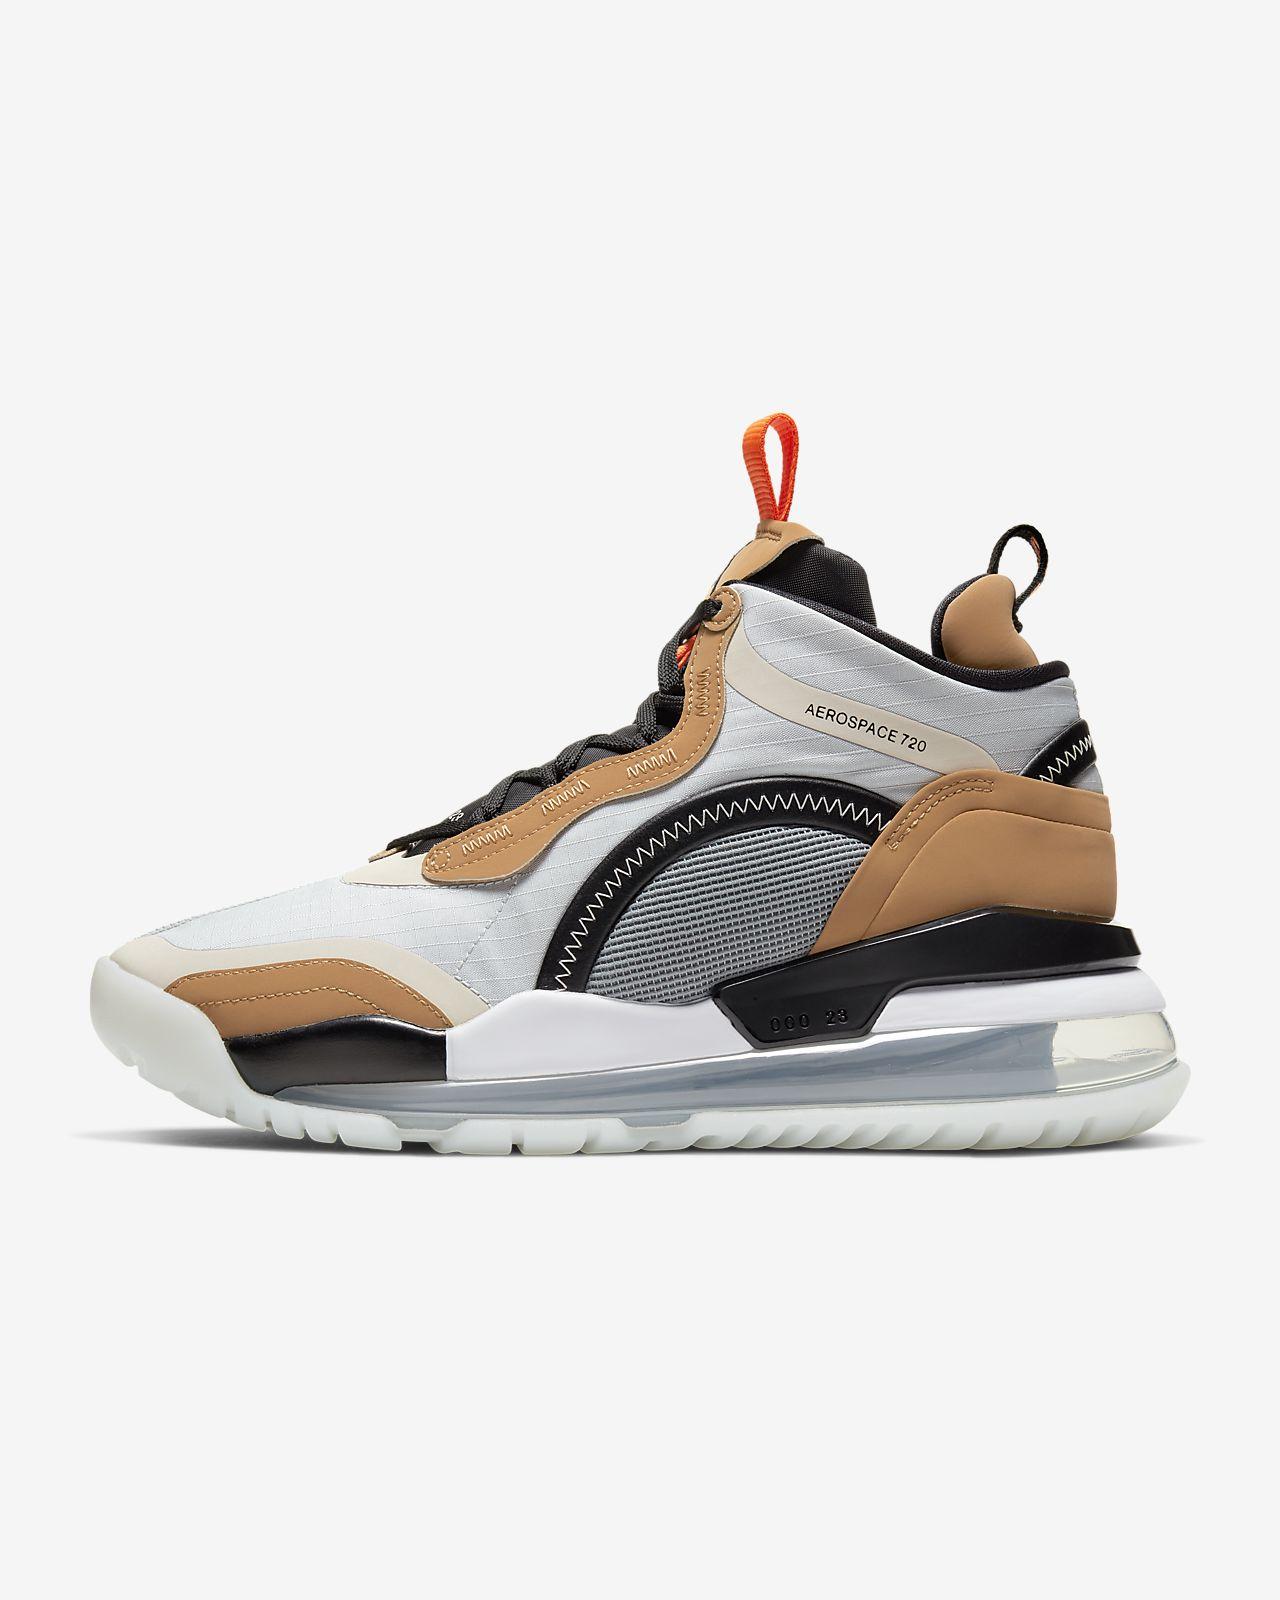 Jordan Aerospace 720 férficipő